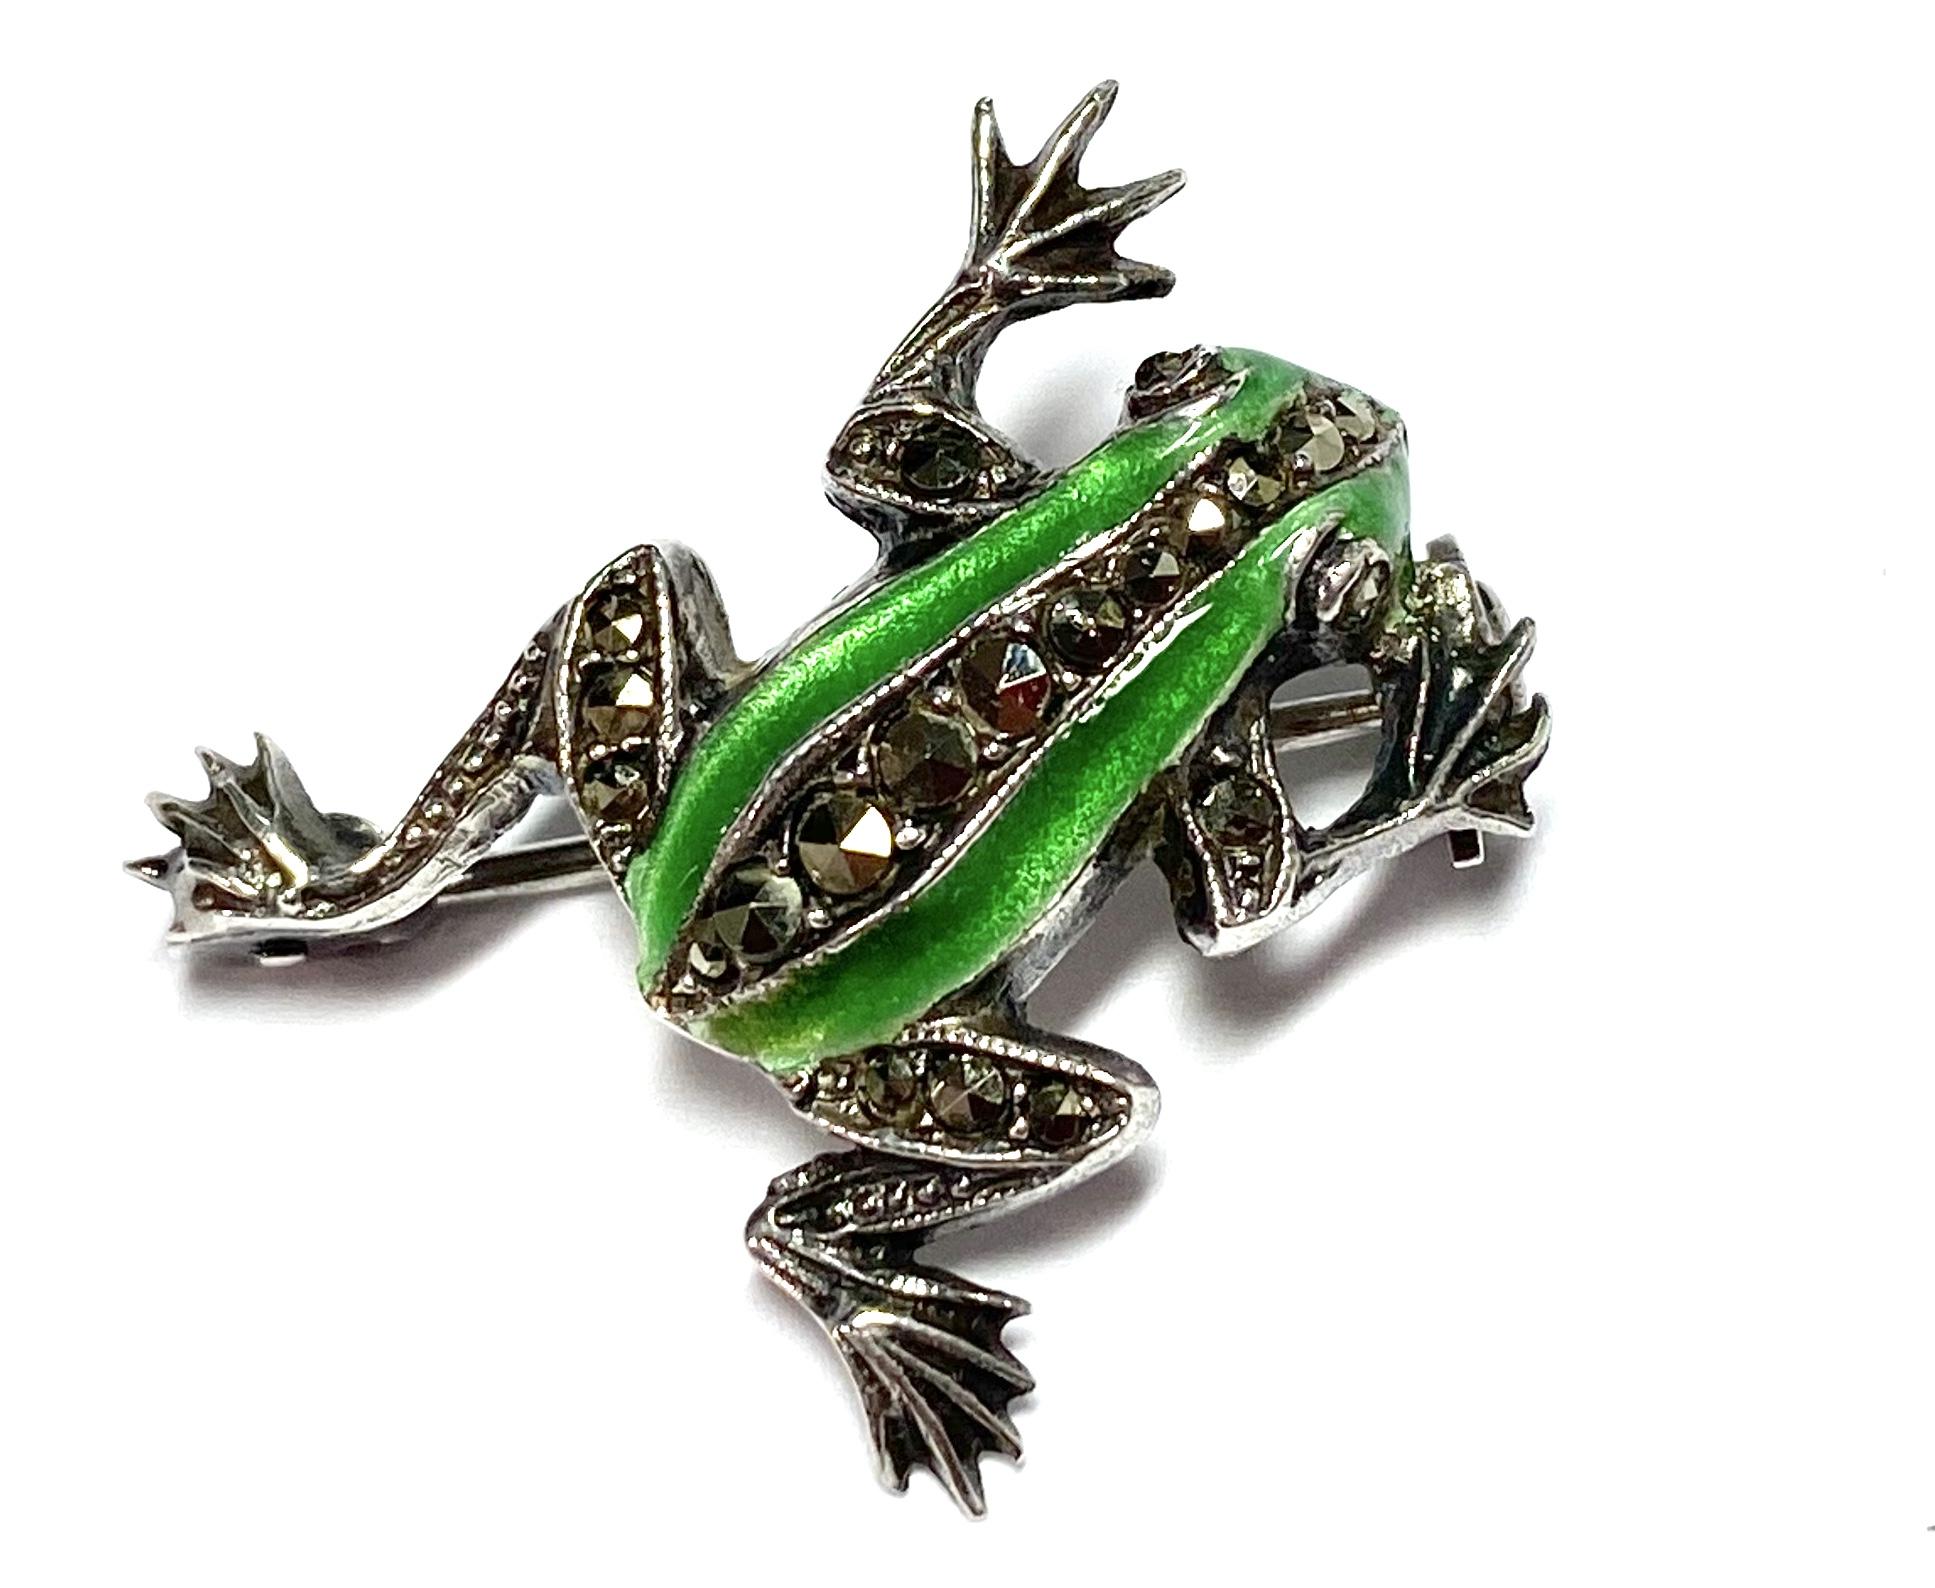 [写真]エナメル彩 カエルのブローチ